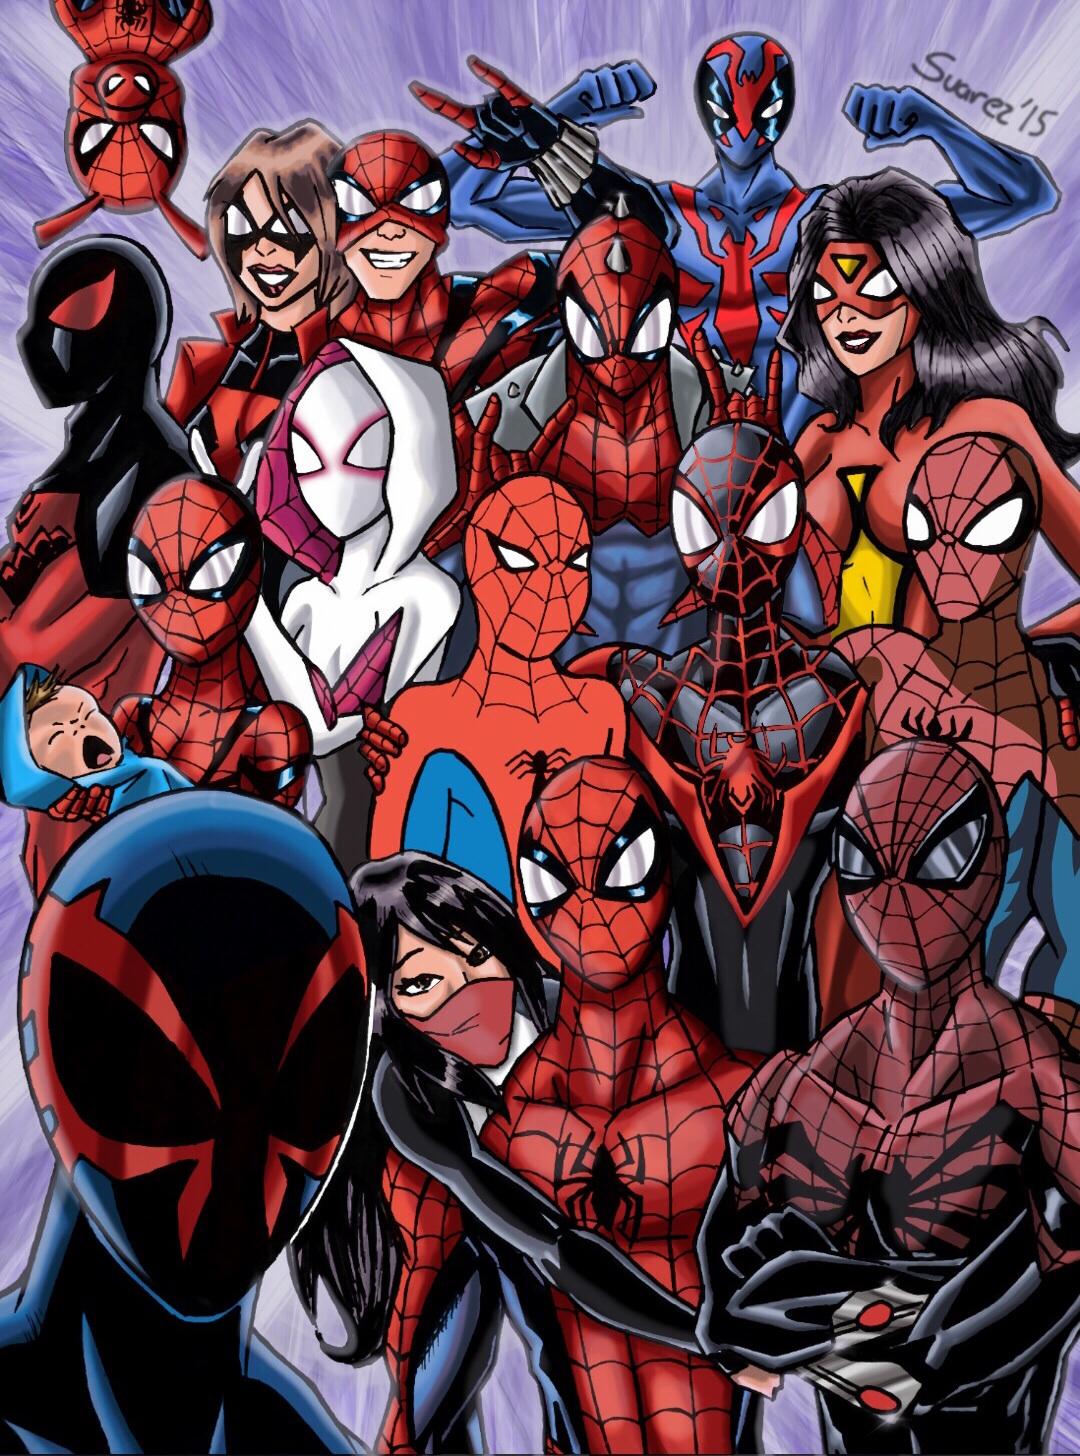 The spider-verse selfie!